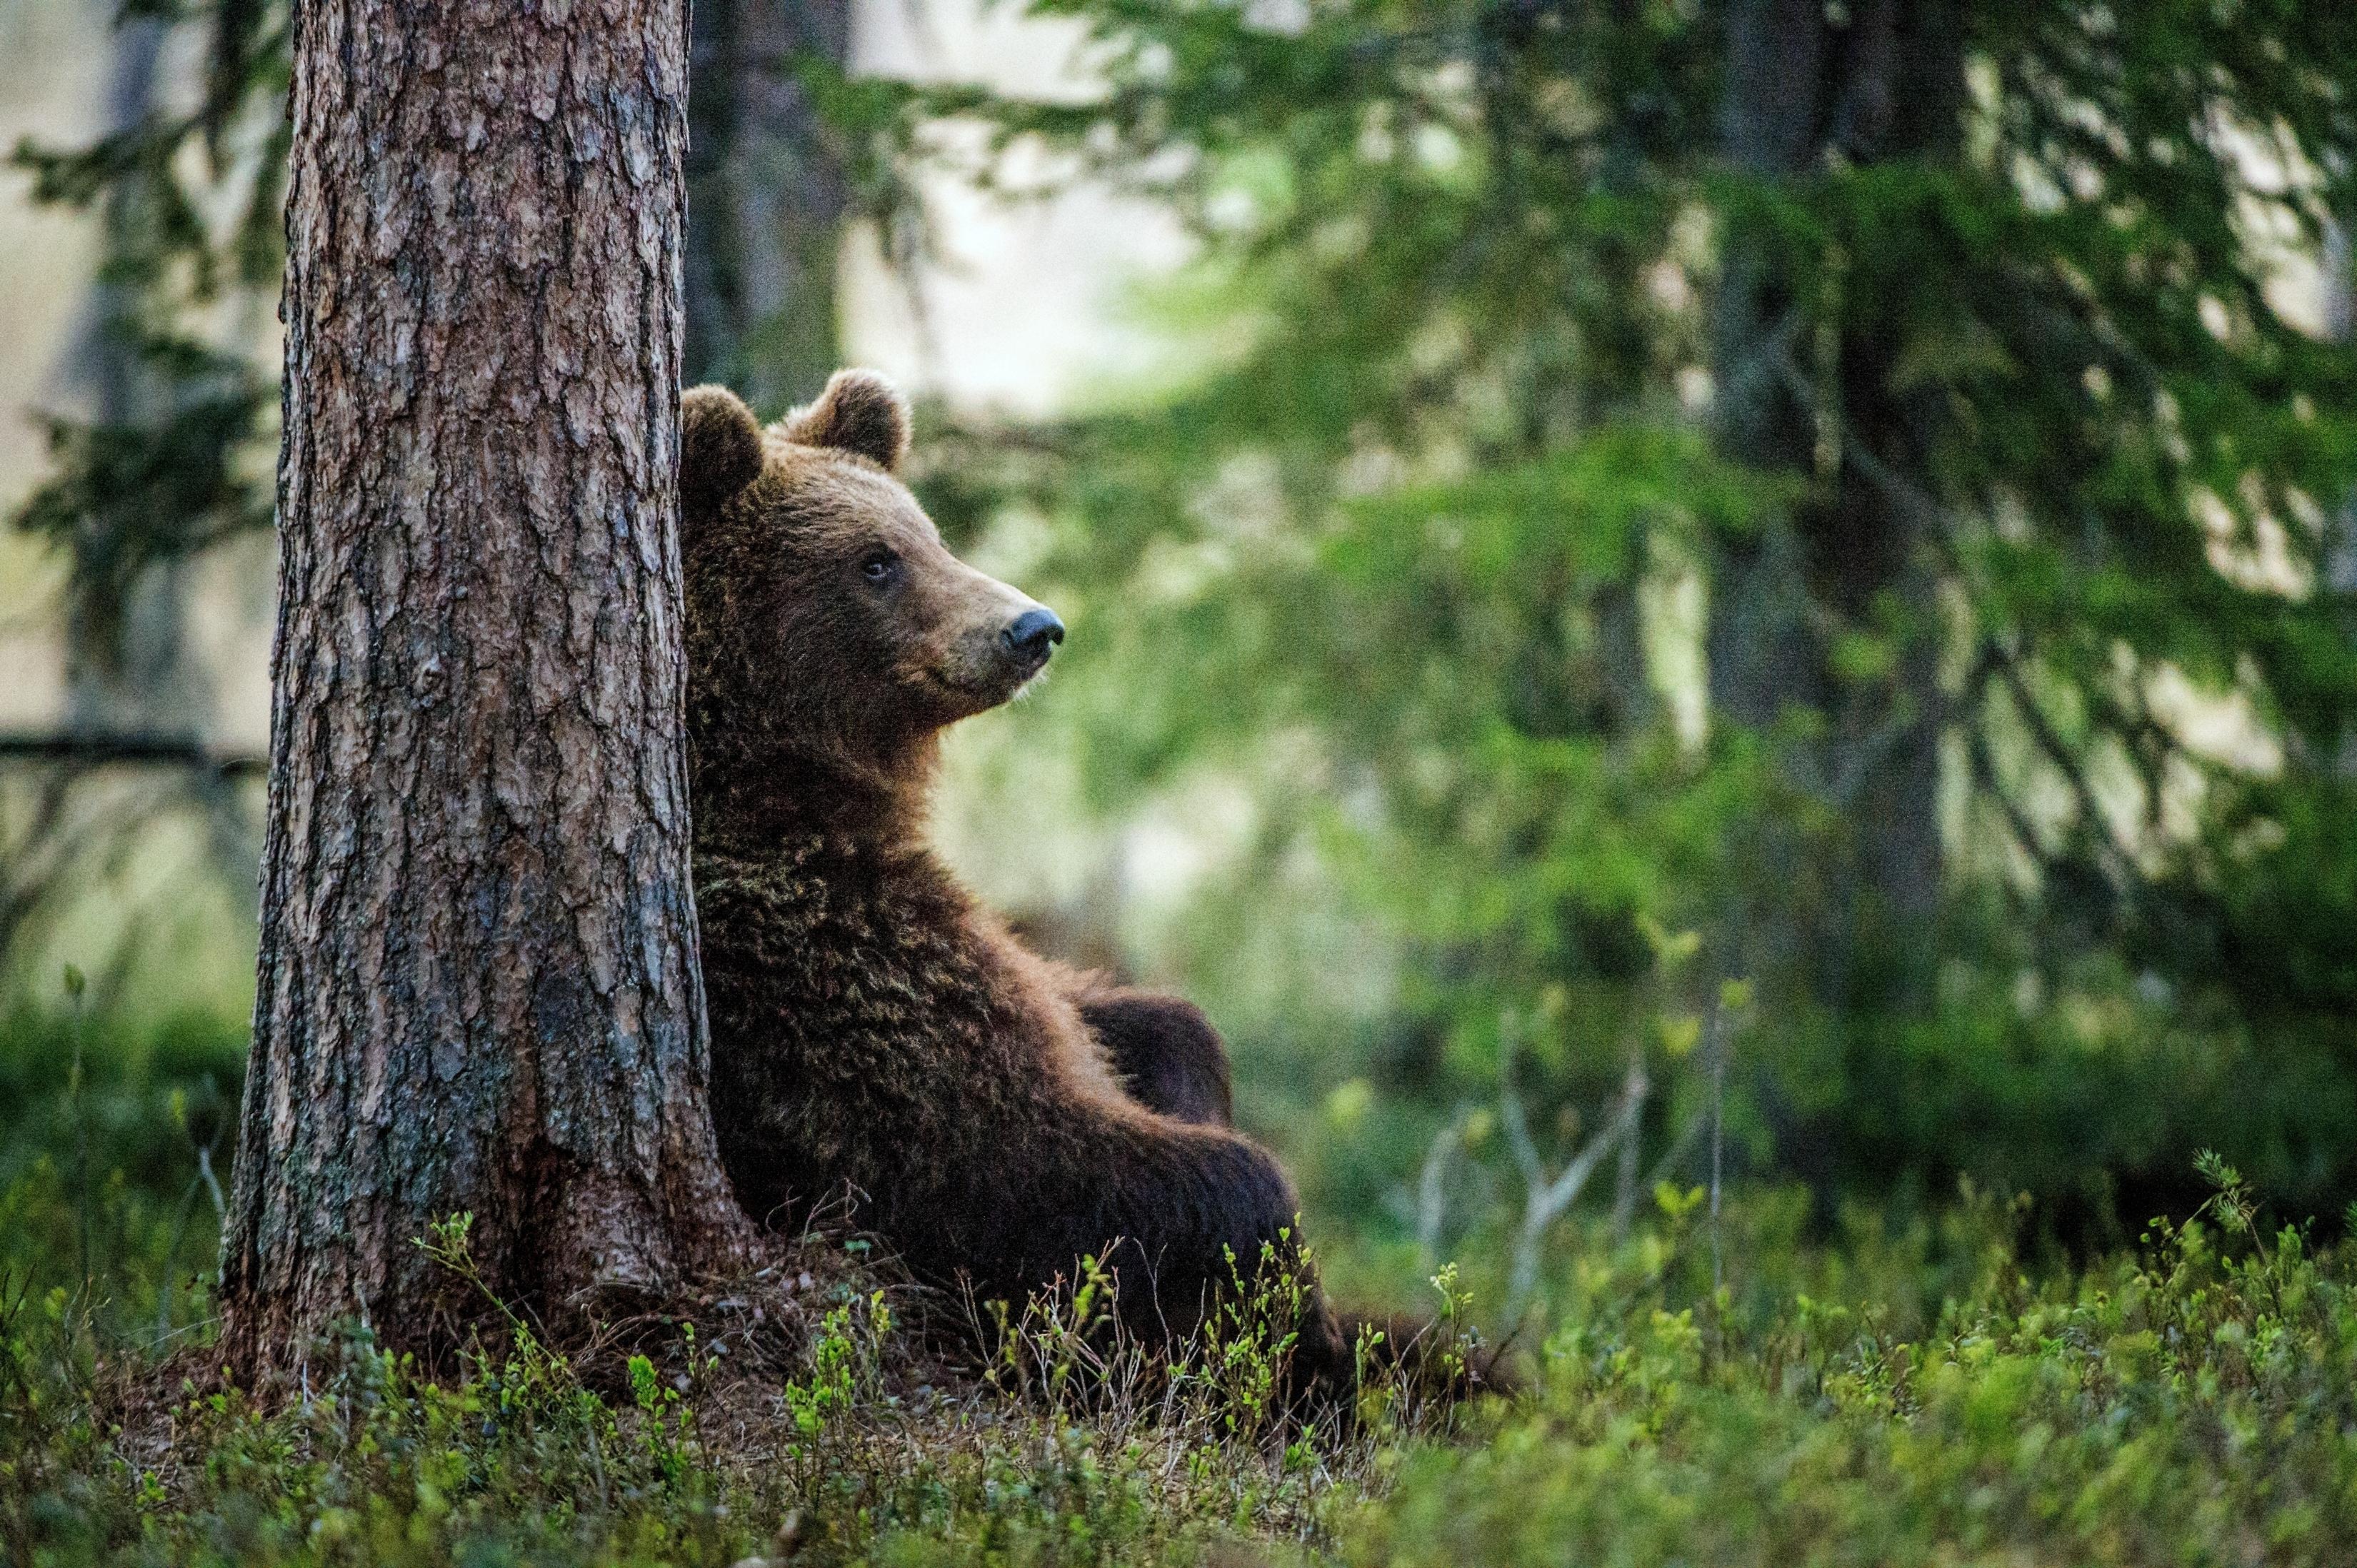 Situațiile în care Ministrul Mediului ar aproba noi derogări pentru împușcarea urșilor